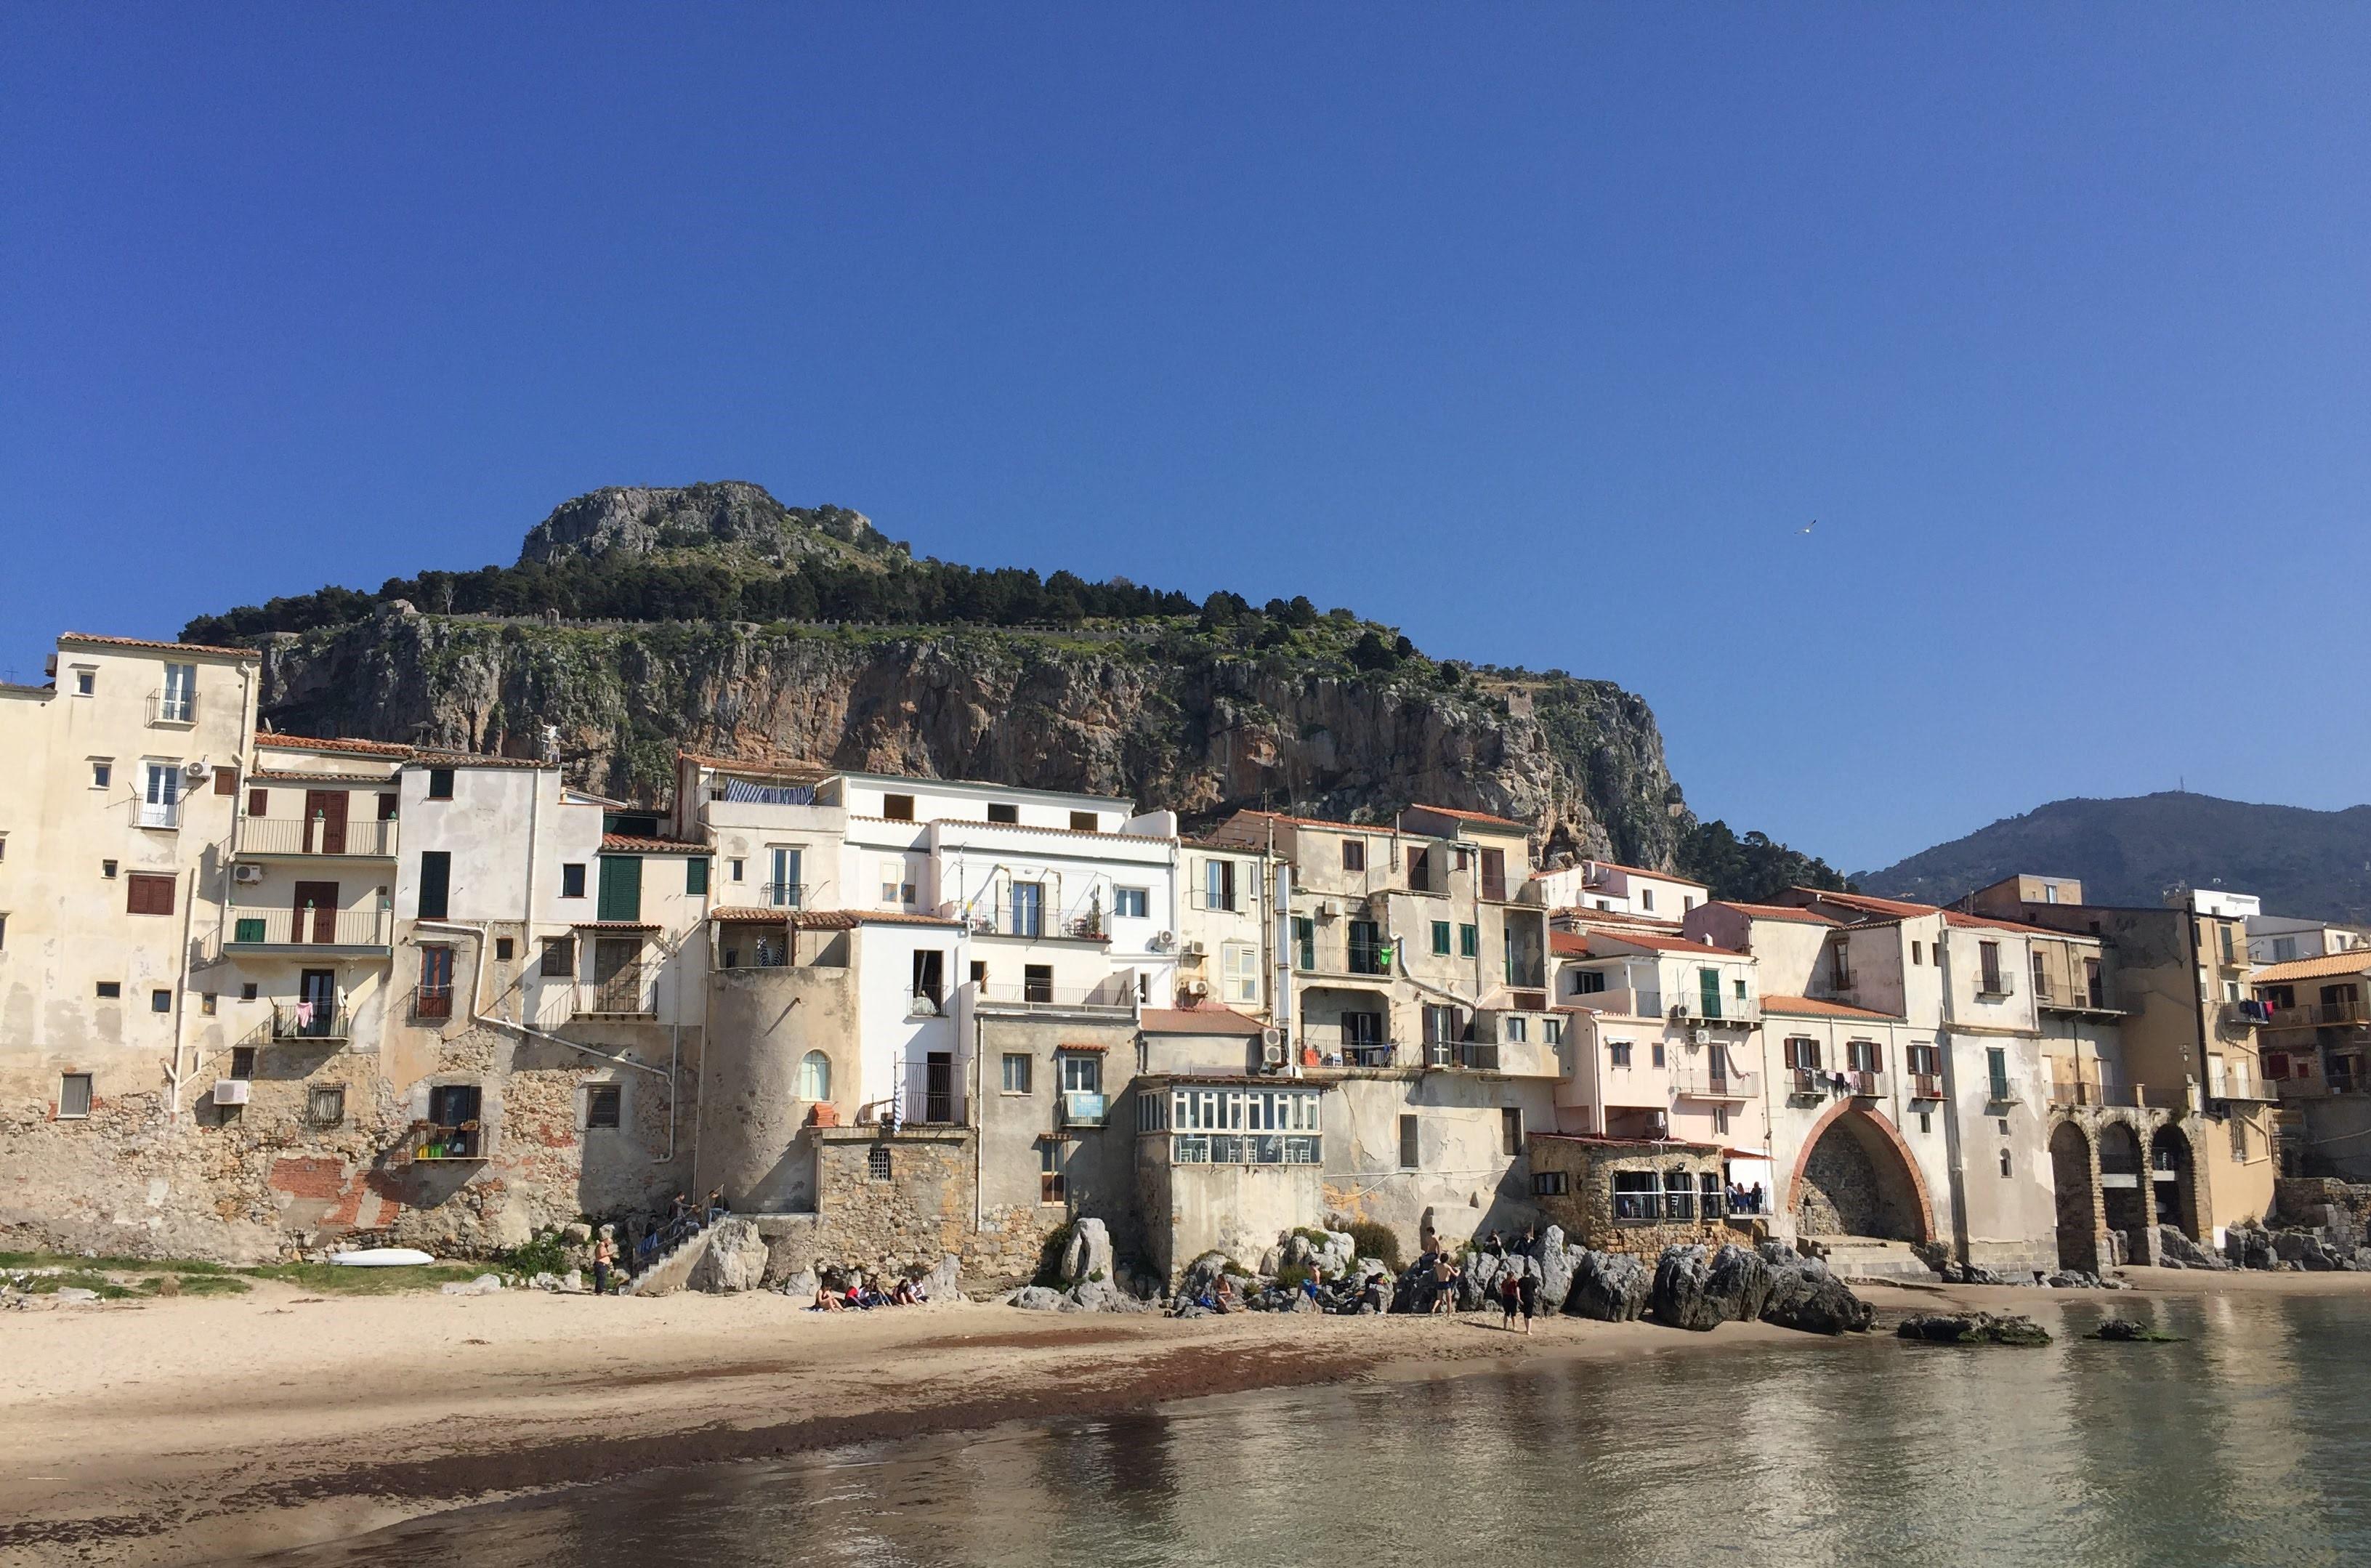 Cefalu sollte bei jedem Sizilien-Urlaub dabei sein!